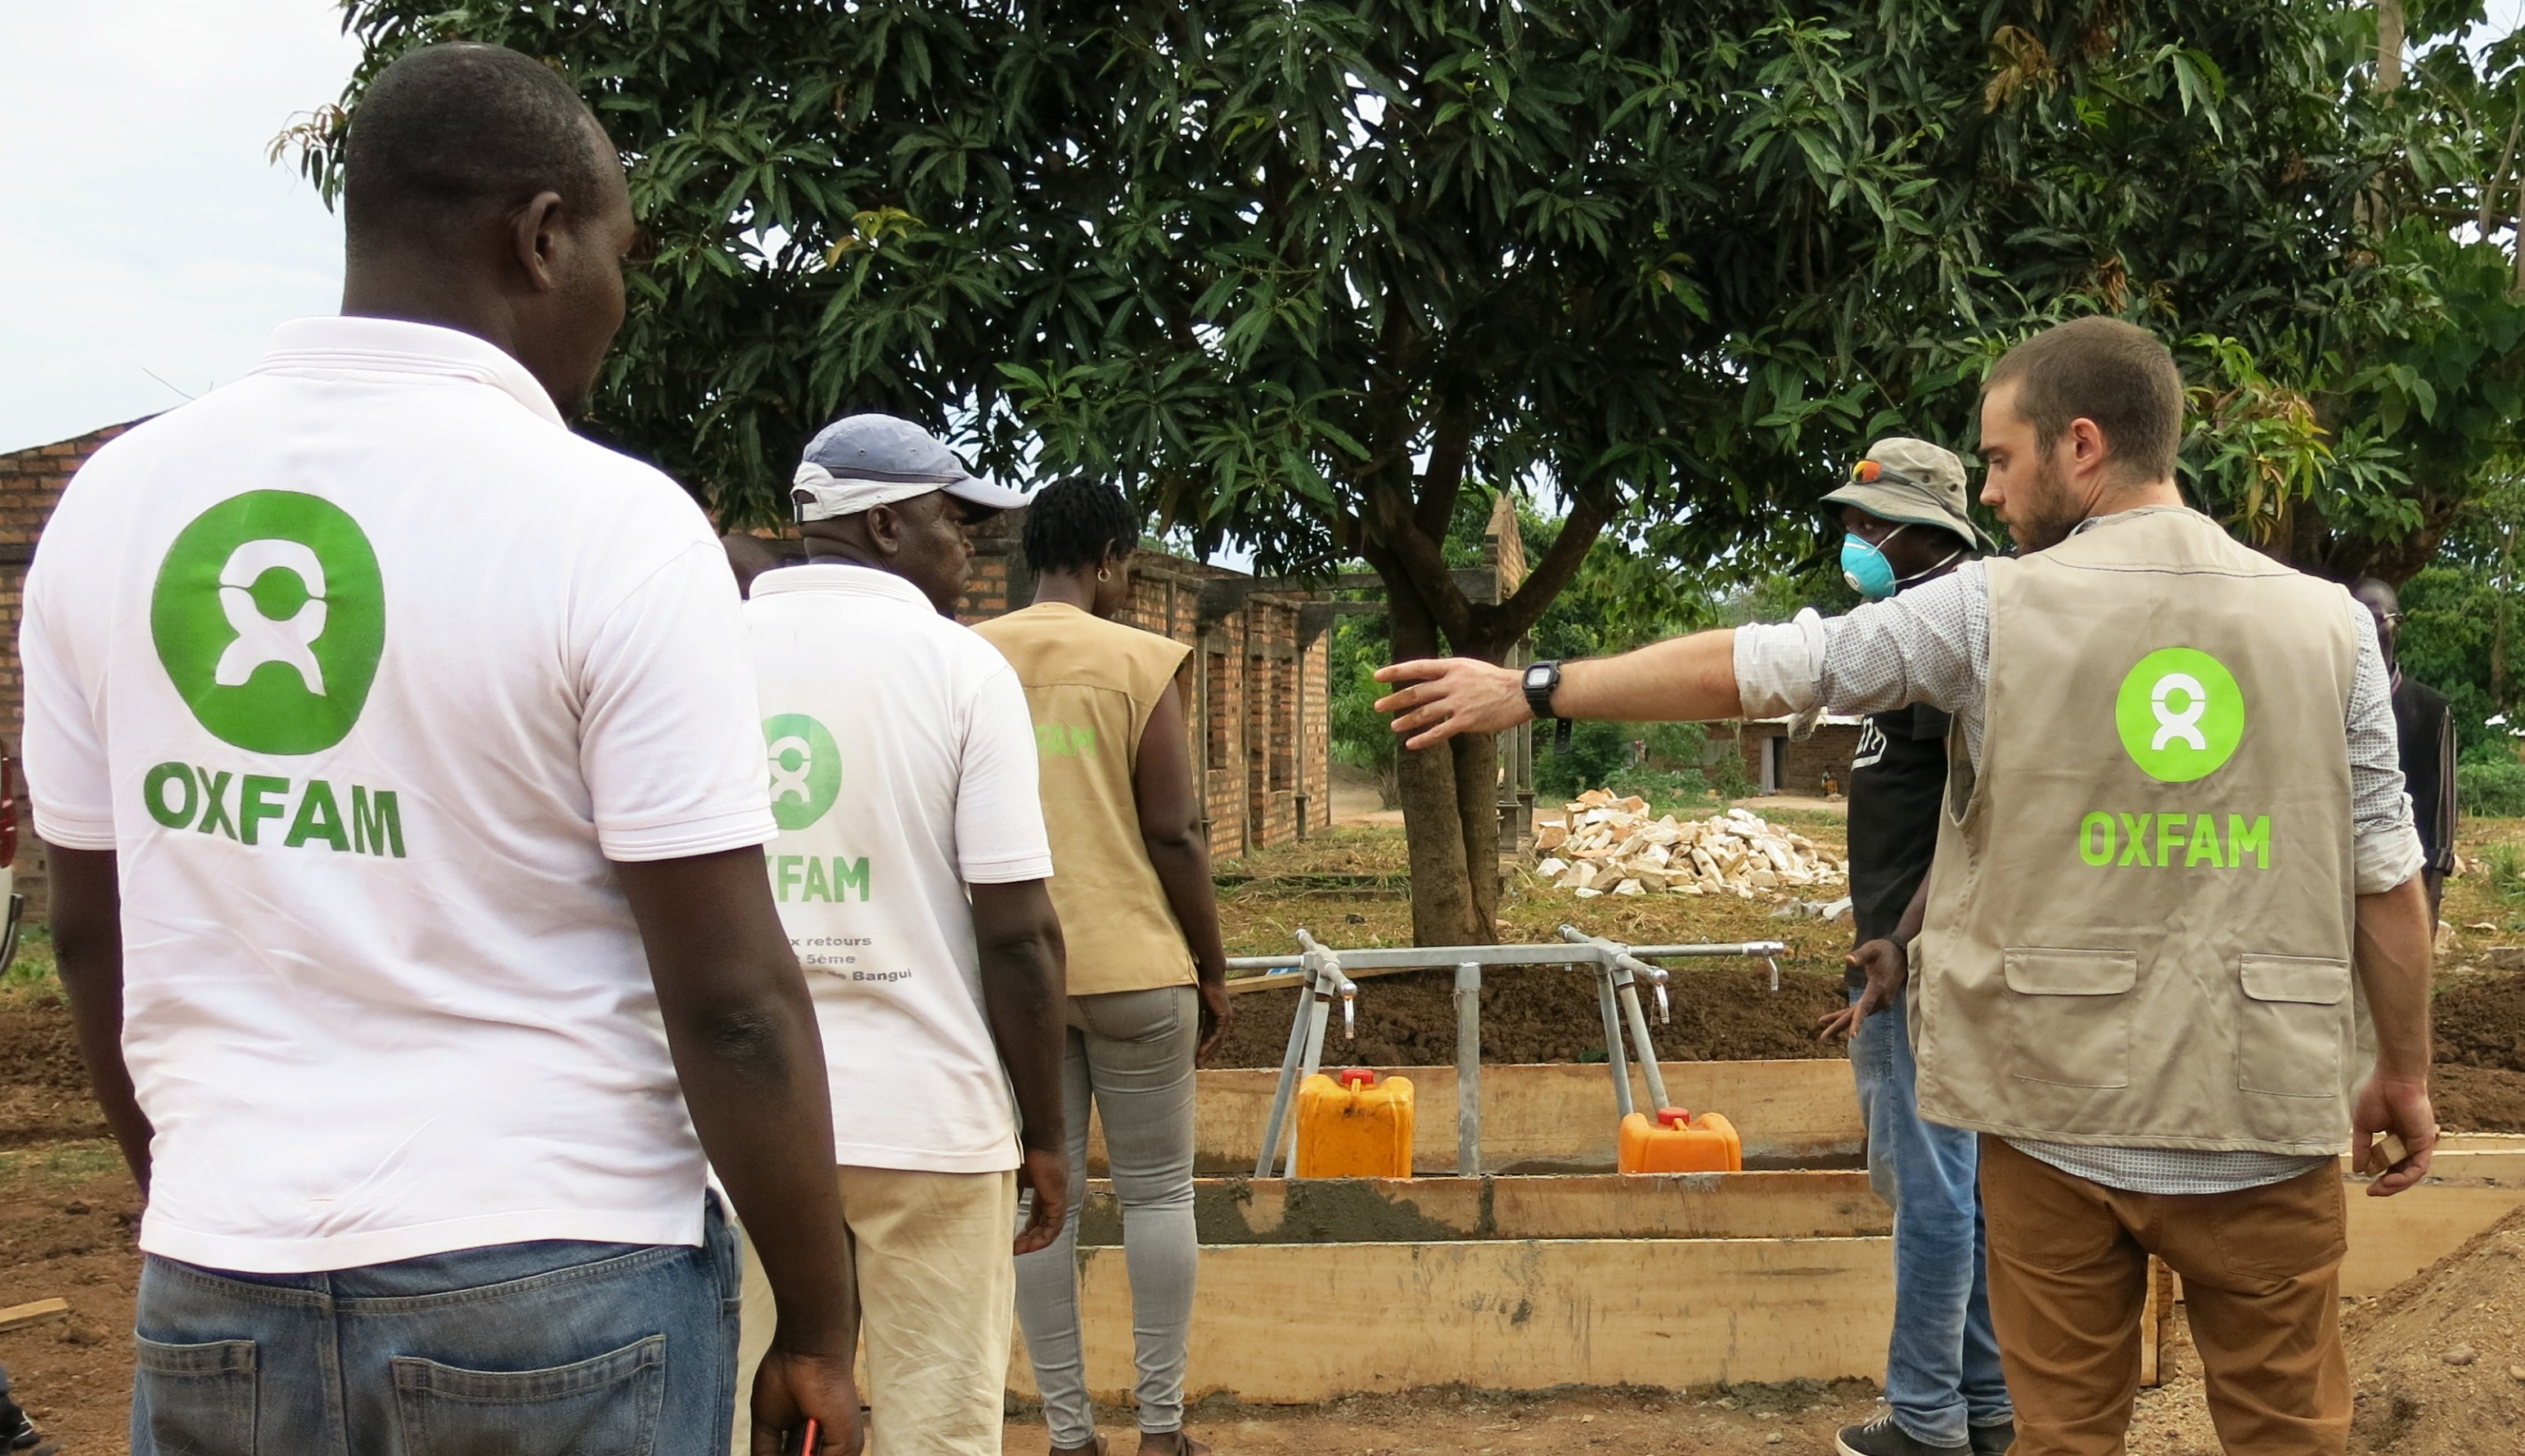 5 mai 2020 - L'équipe Oxfam simule des files d'attente à un point d'eau en construction, afin de s'assurer des mesures de distanciation sociale pour éviter la propagation du coronavirus. © Aurélie Godet/Oxfam RCA